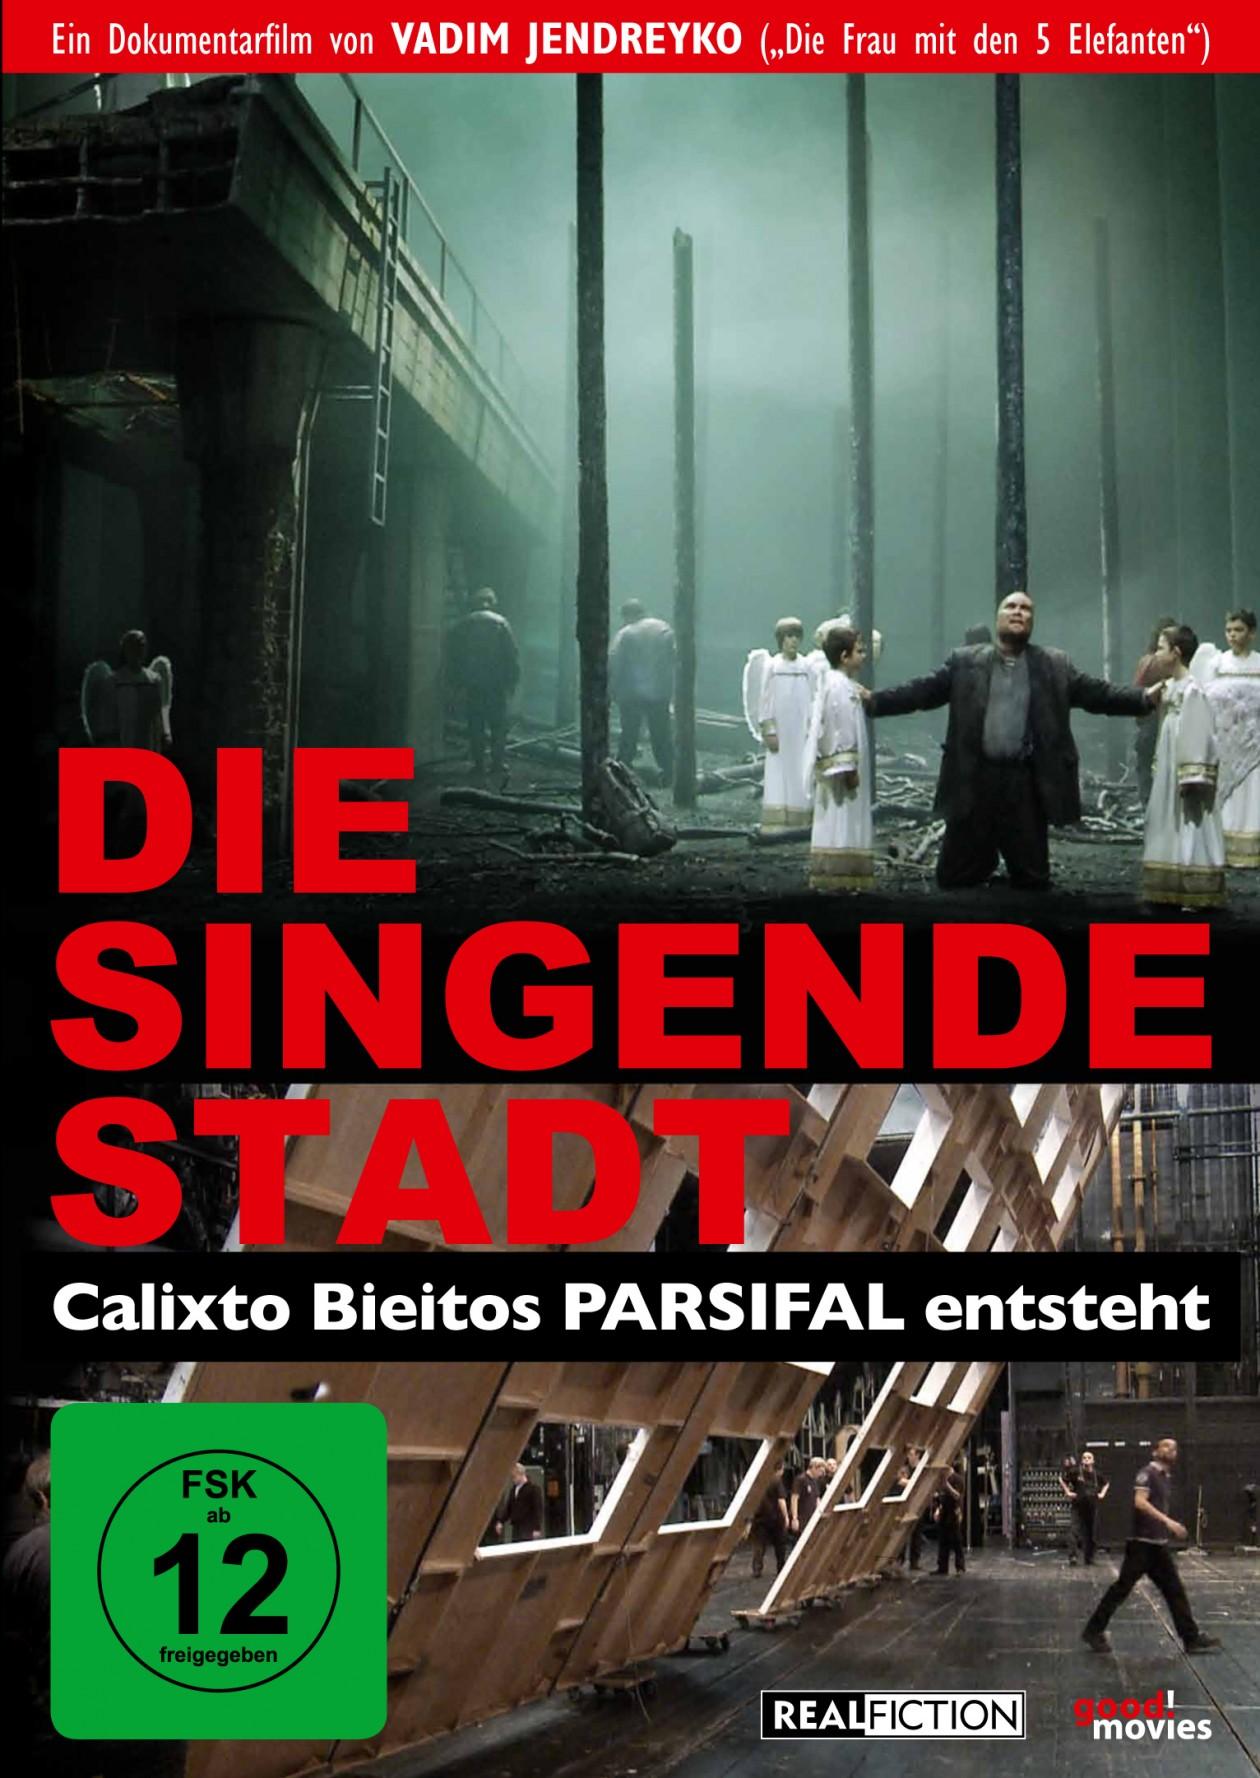 Die singende Stadt_DVD Cover